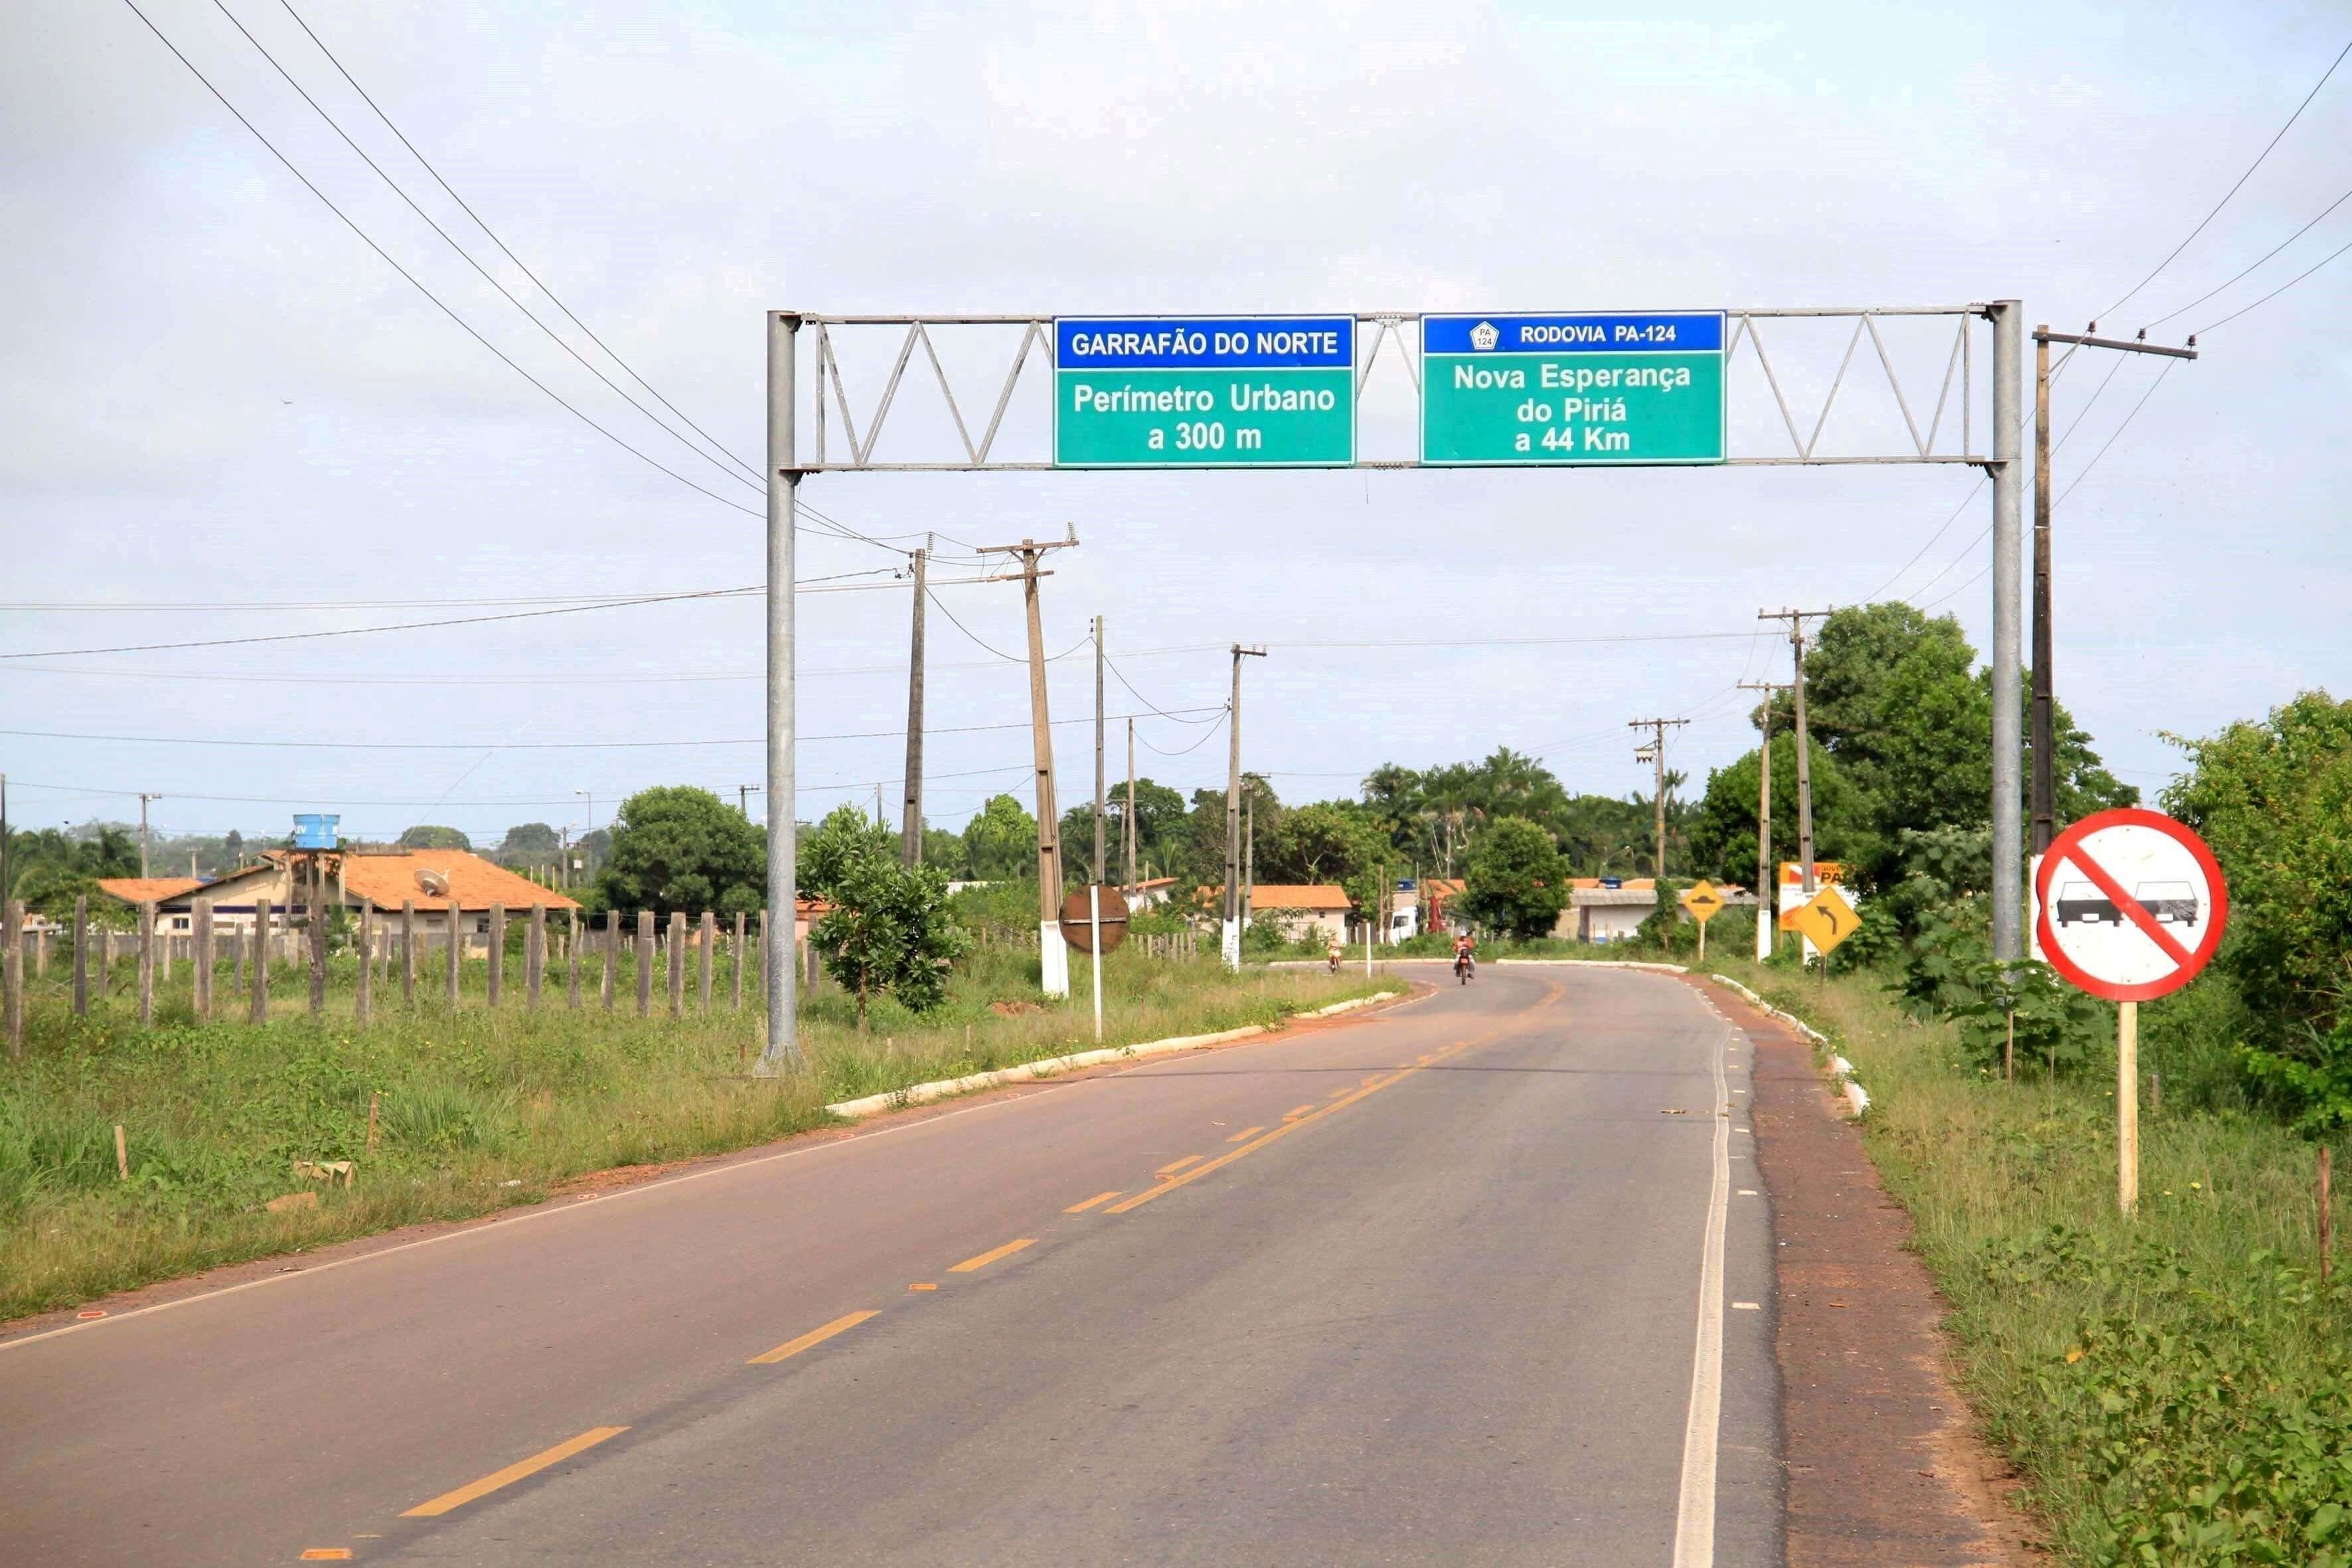 Garrafão do Norte Pará fonte: static.consolidesuamarca.com.br